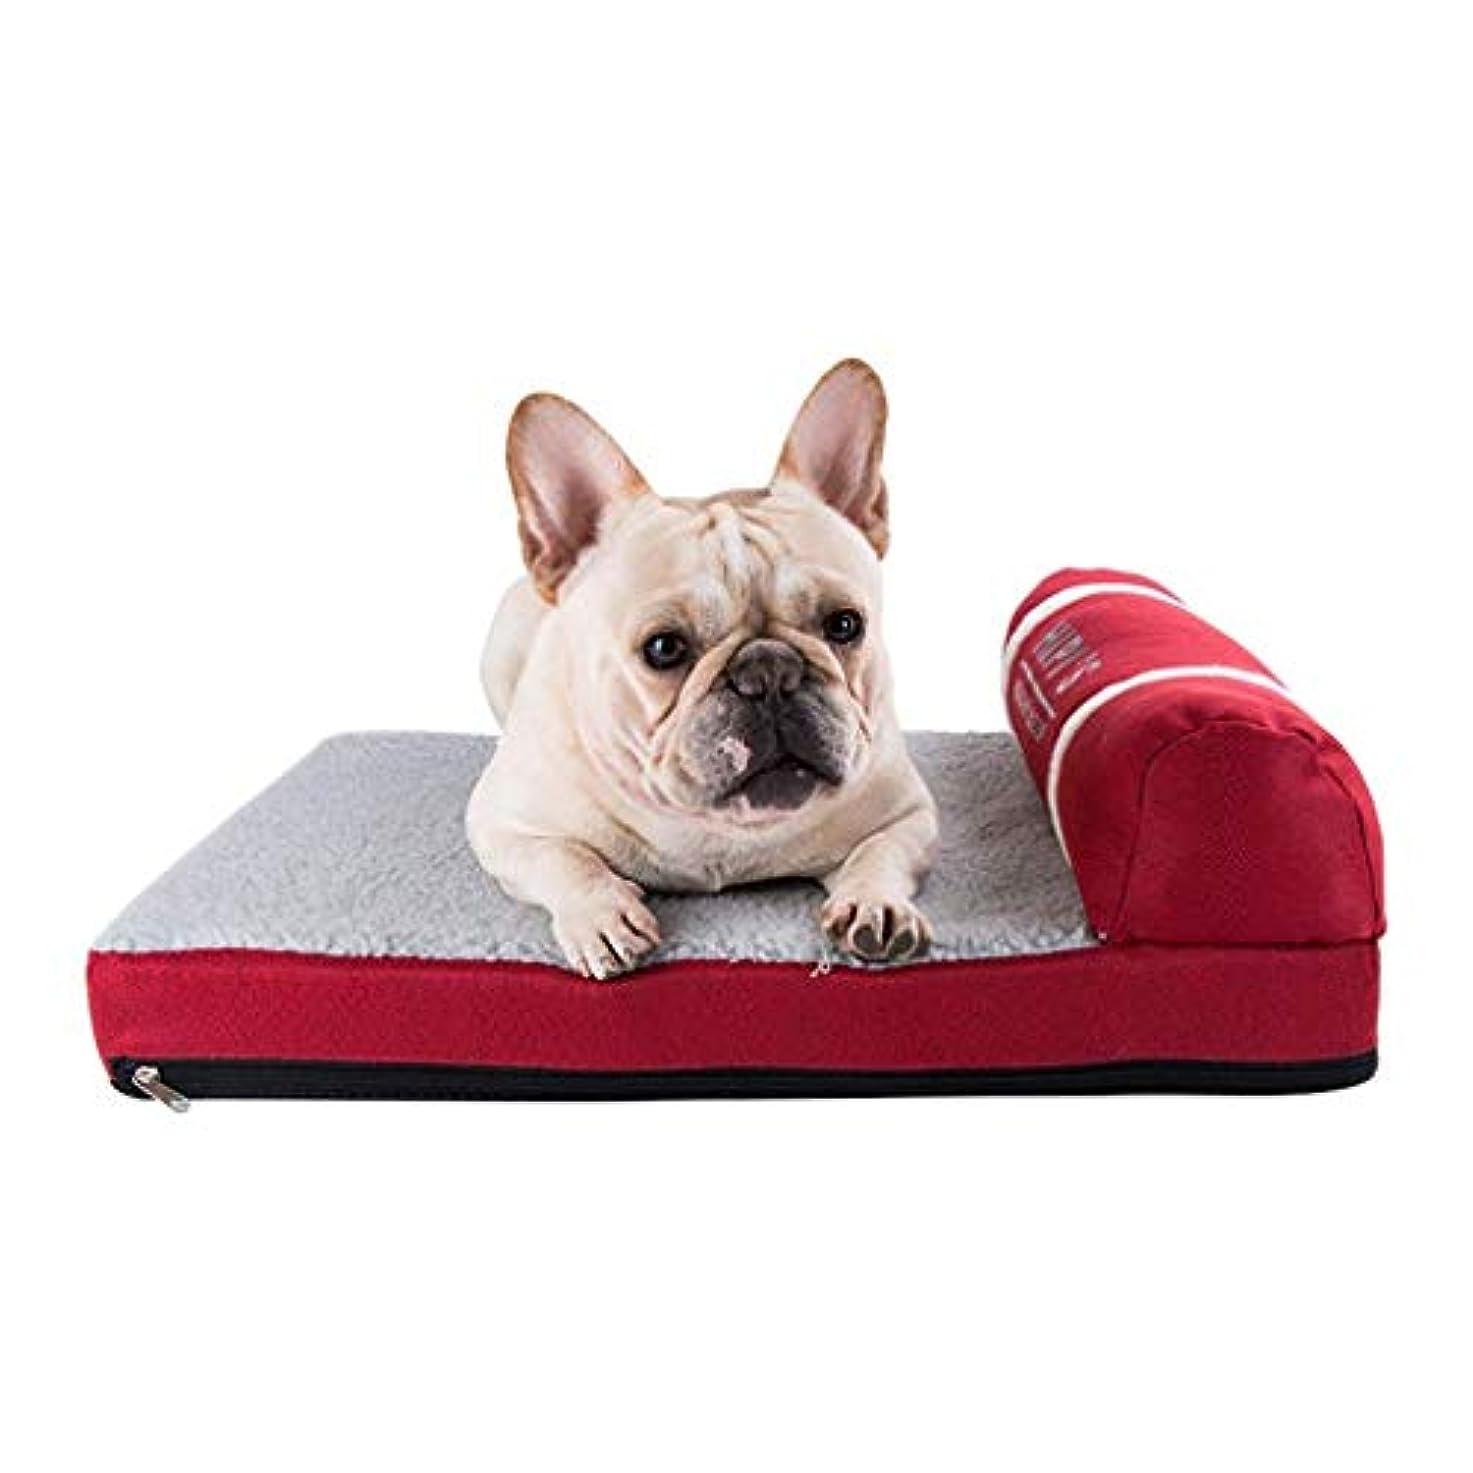 気付く筋引き付ける動物試験、耐摩耗性および耐引っかき性、取り外し可能、洗濯機、ベージュ、50 kg未満の動物に適しています(サイズ:XXL)